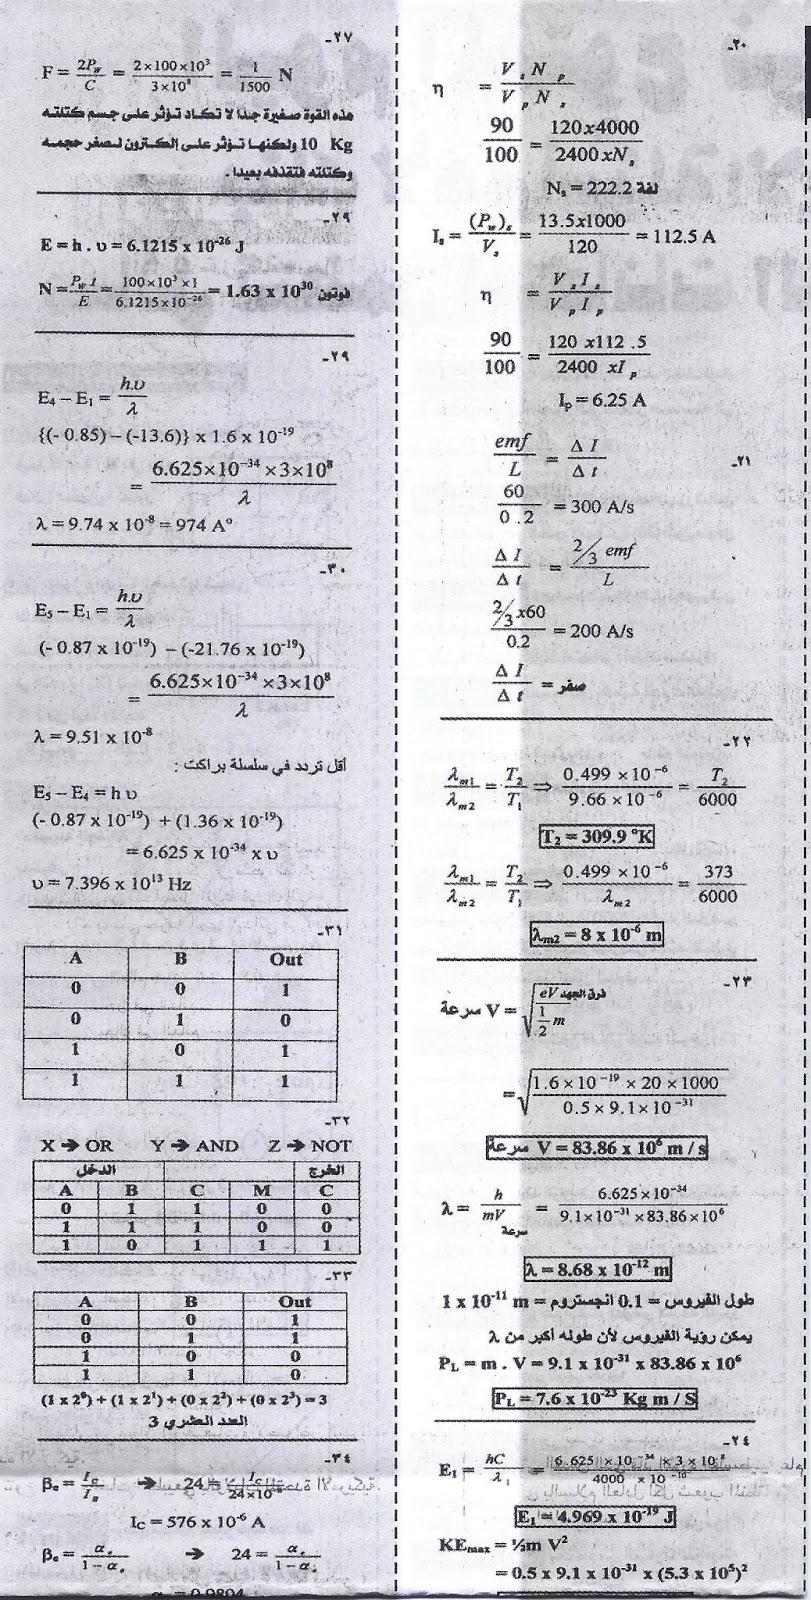 اهم مسائل الفيزياء + اهم أسئلة الاختيار من متعدد للثانوية العامة 2016 .. ملحق الجمهورية التعليمى 11